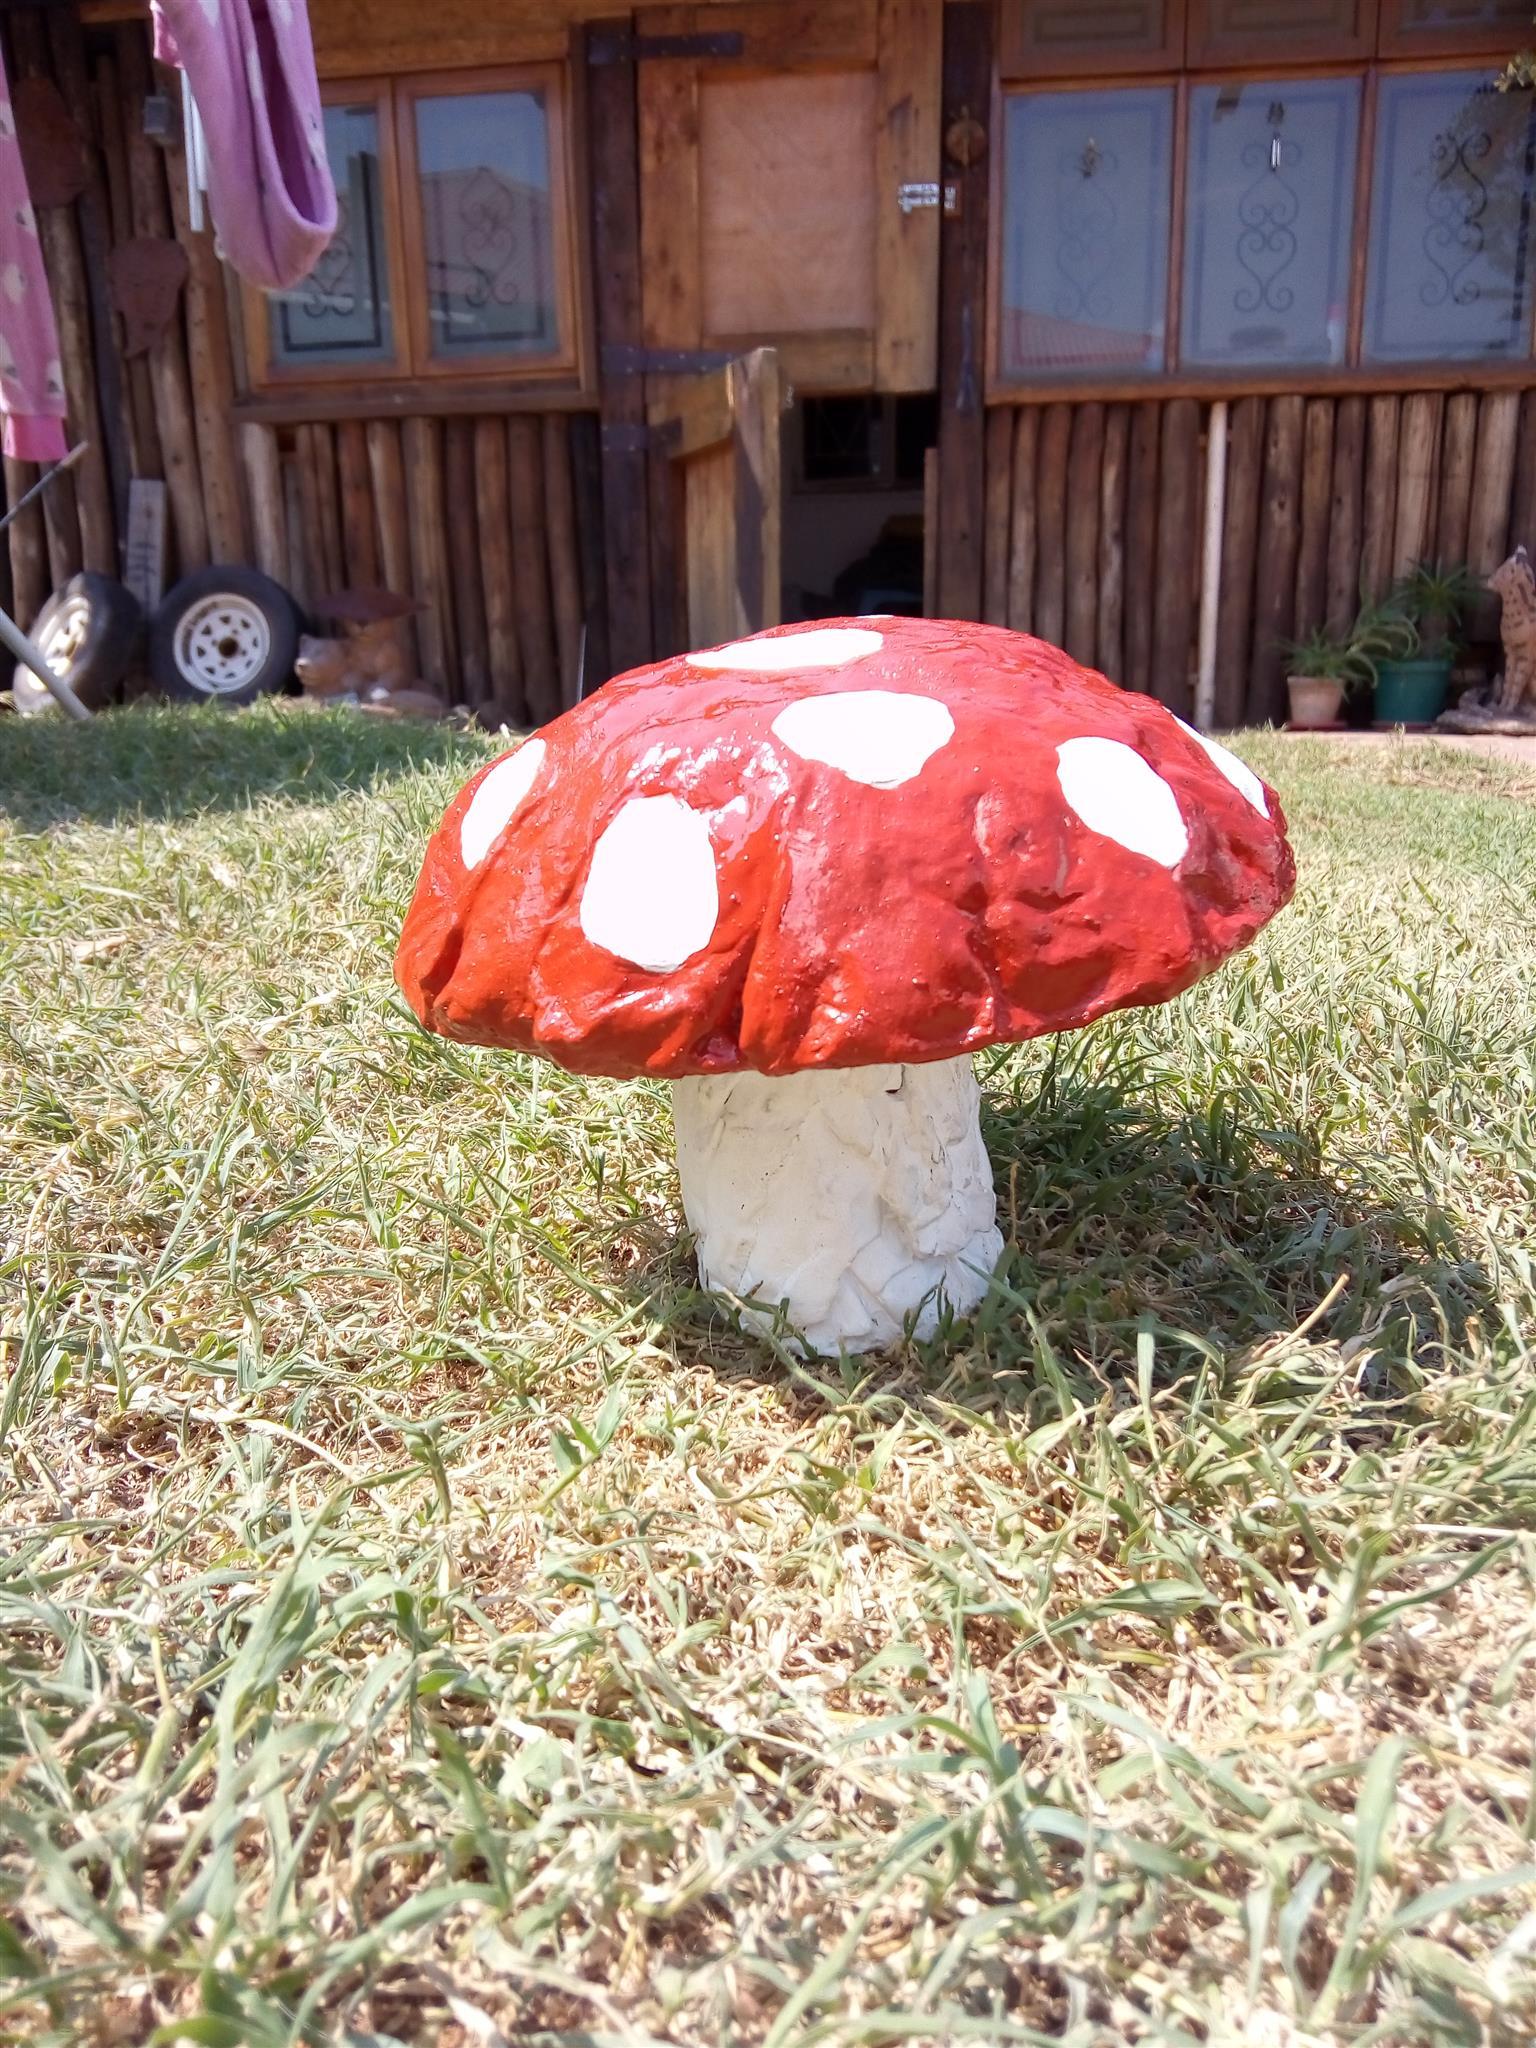 Mushroom Ornament. Outside or inside